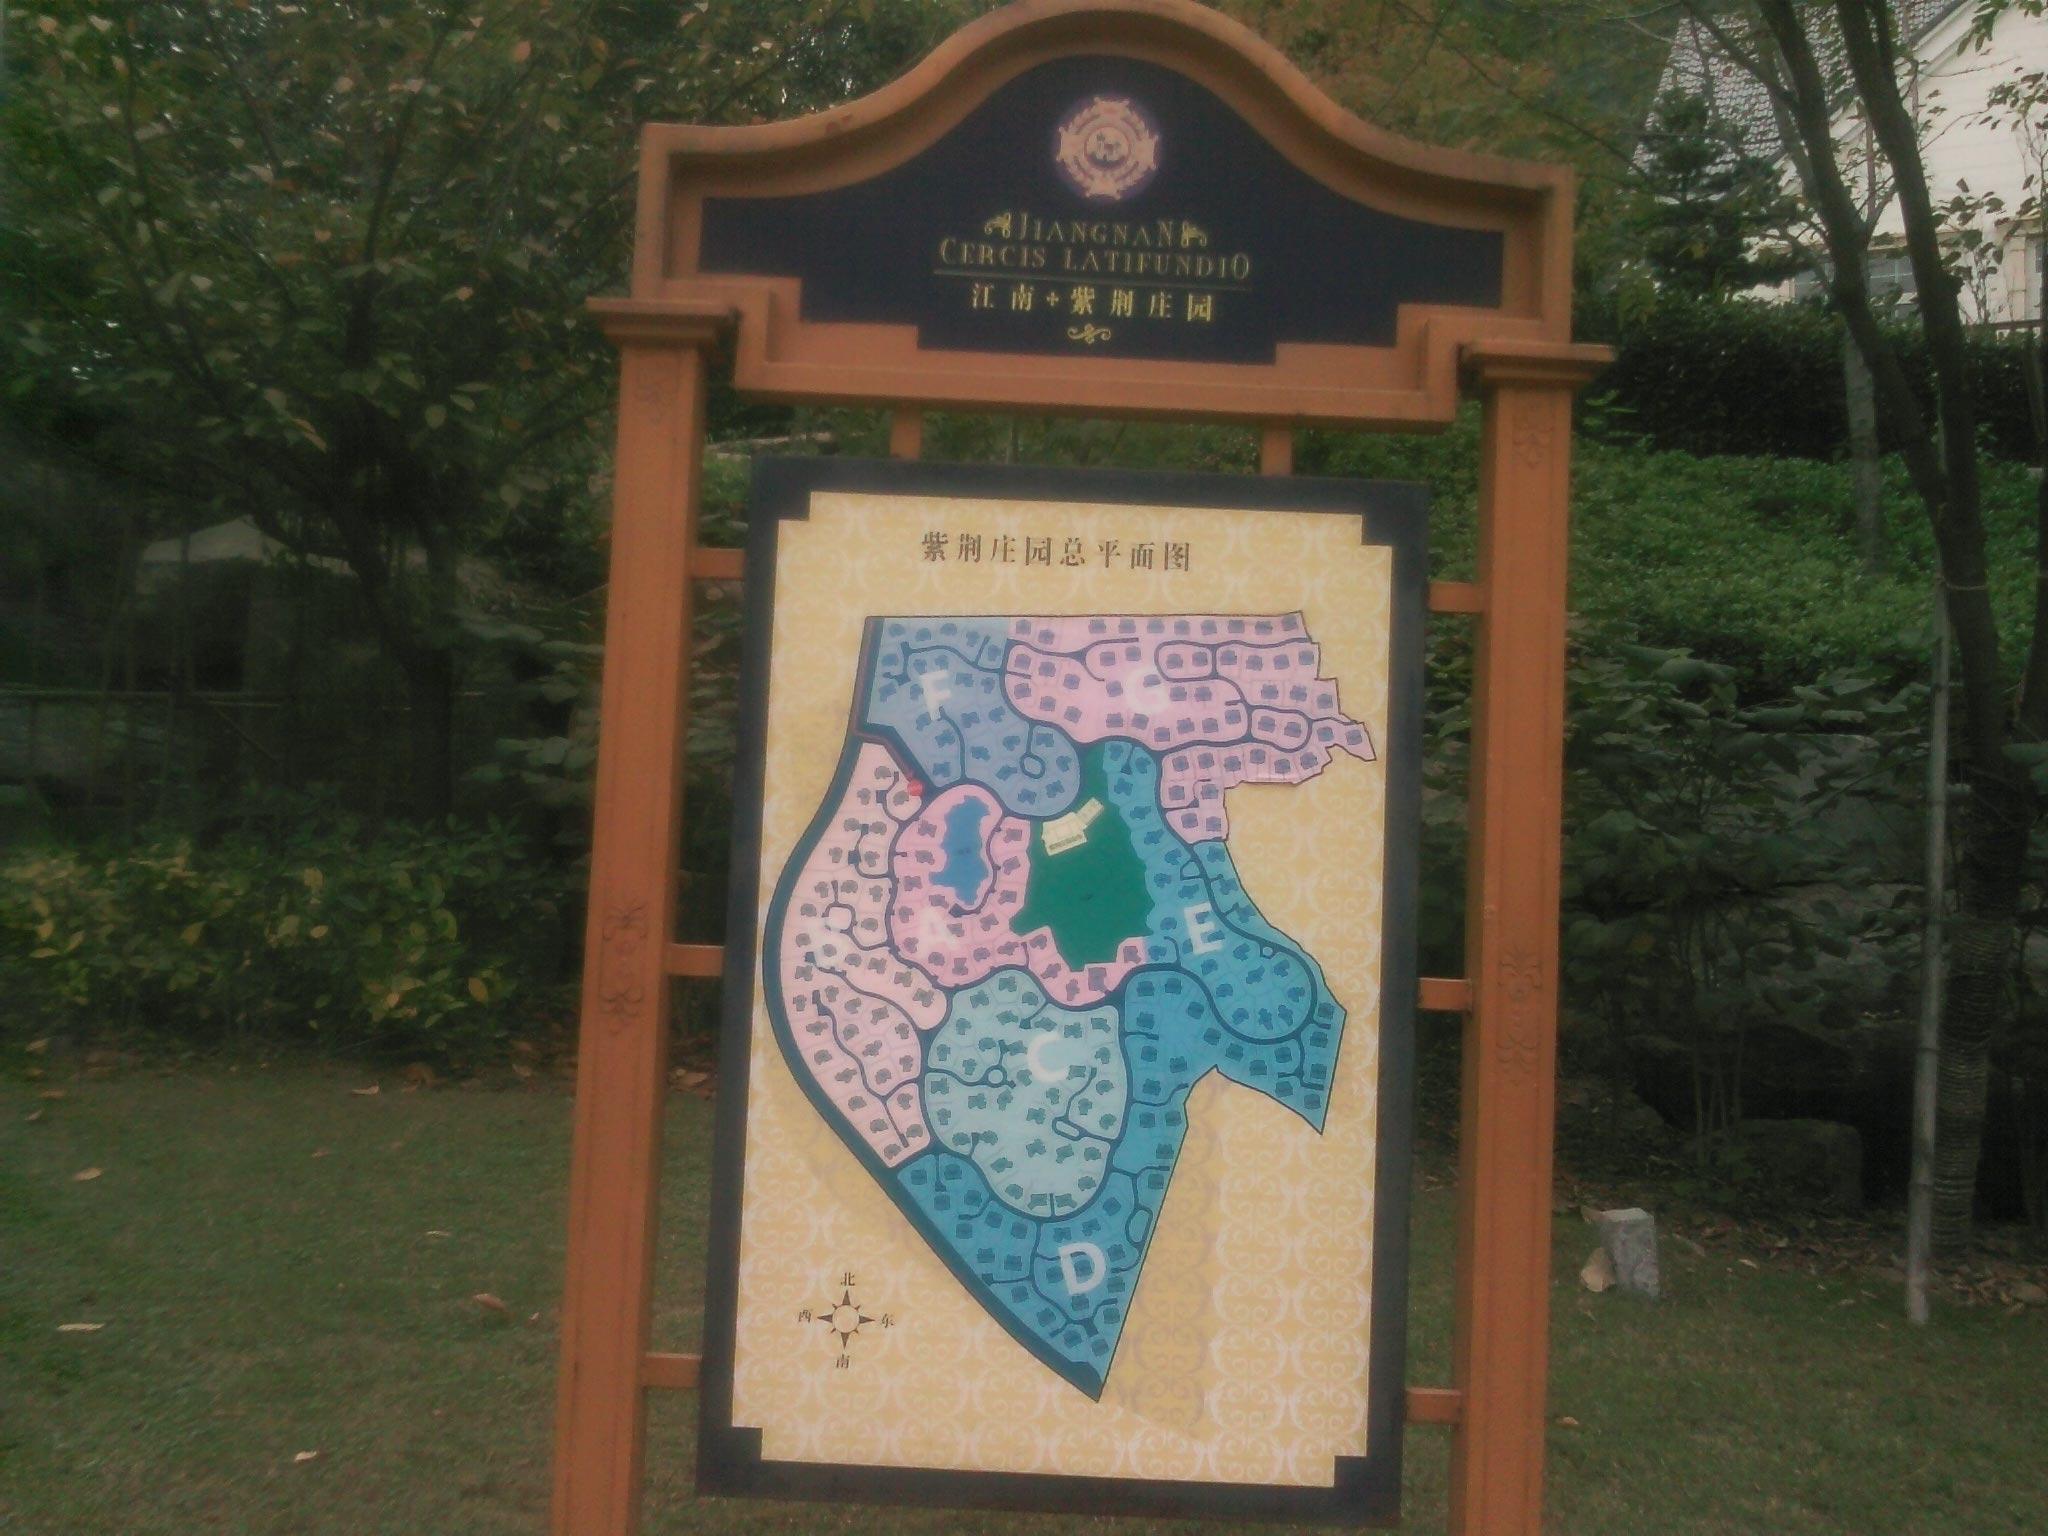 义乌紫荆庄园出售 义乌紫荆庄园-紫荆一期独体别墅